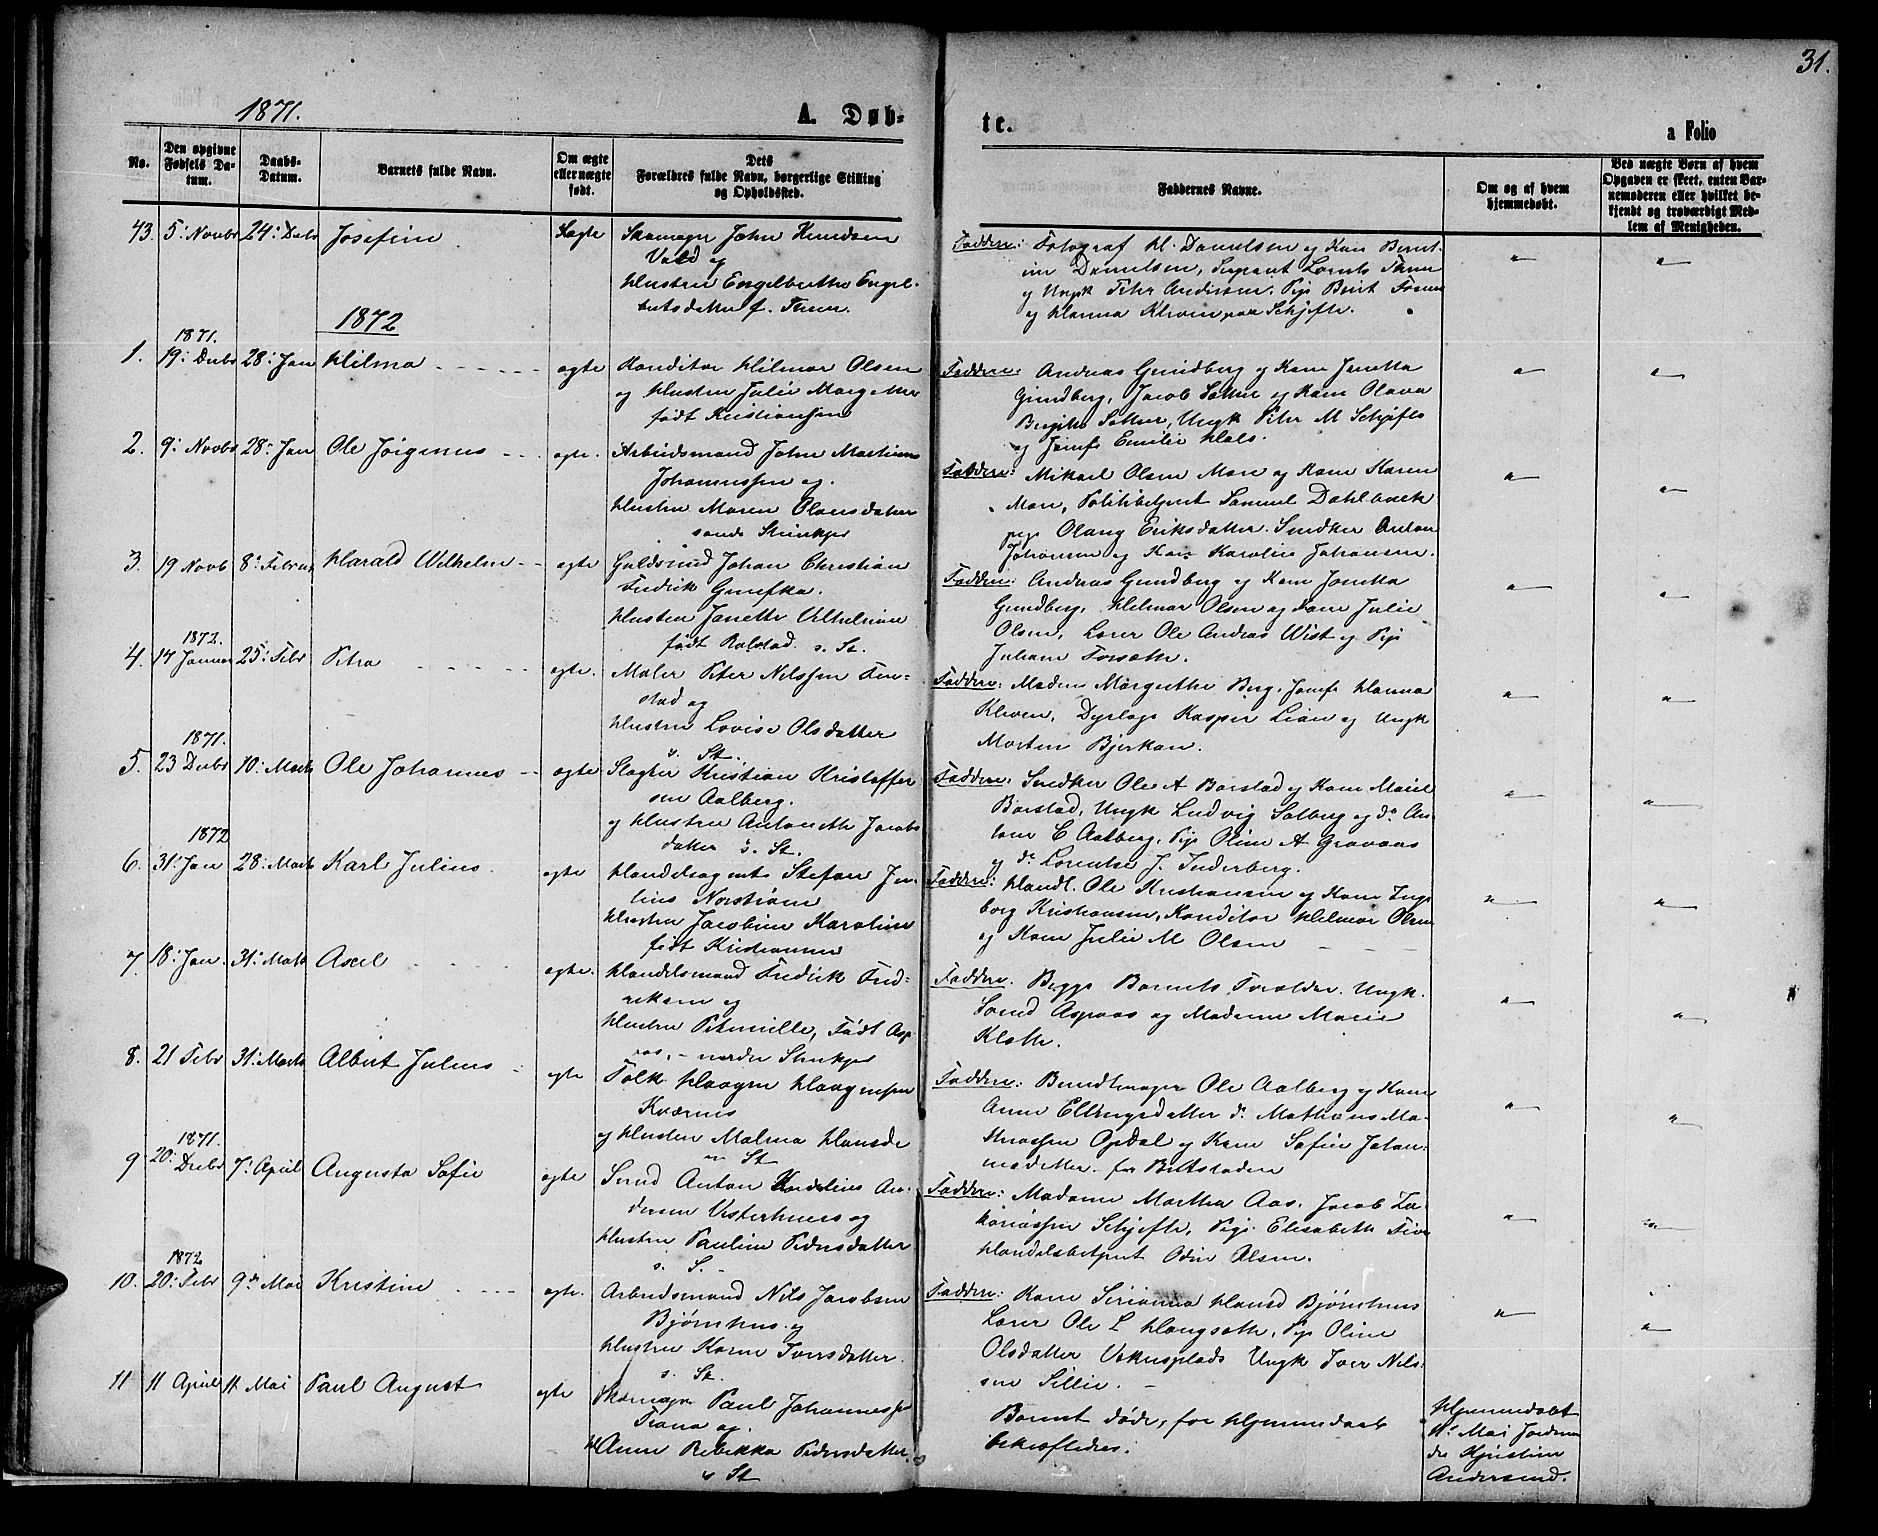 SAT, Ministerialprotokoller, klokkerbøker og fødselsregistre - Nord-Trøndelag, 739/L0373: Klokkerbok nr. 739C01, 1865-1882, s. 31